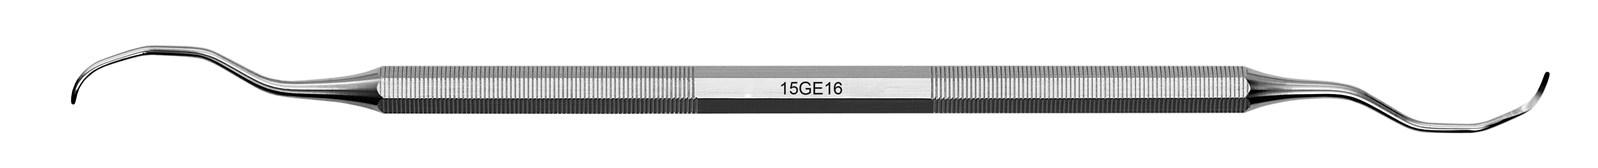 Kyreta Gracey Classic - 15GE16, ADEP silikonový návlek tmavě modrý